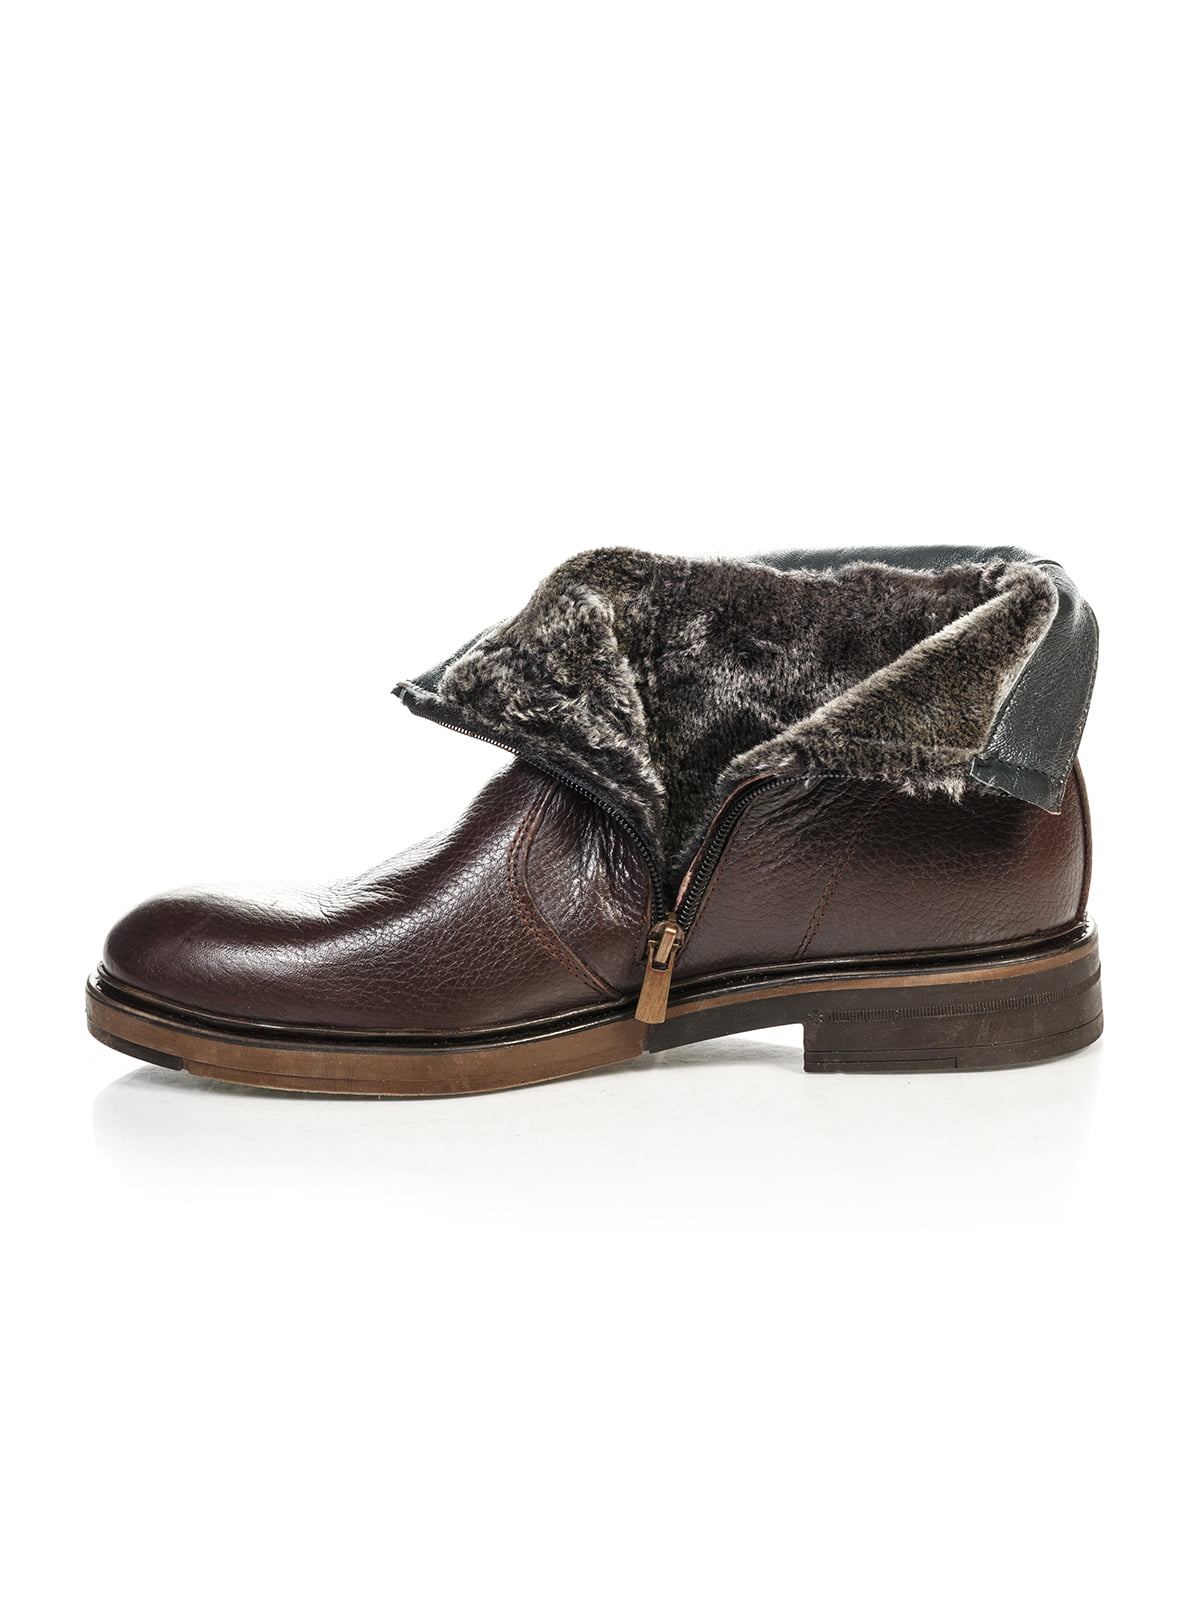 Ботинки коричневые | 4809486 | фото 4